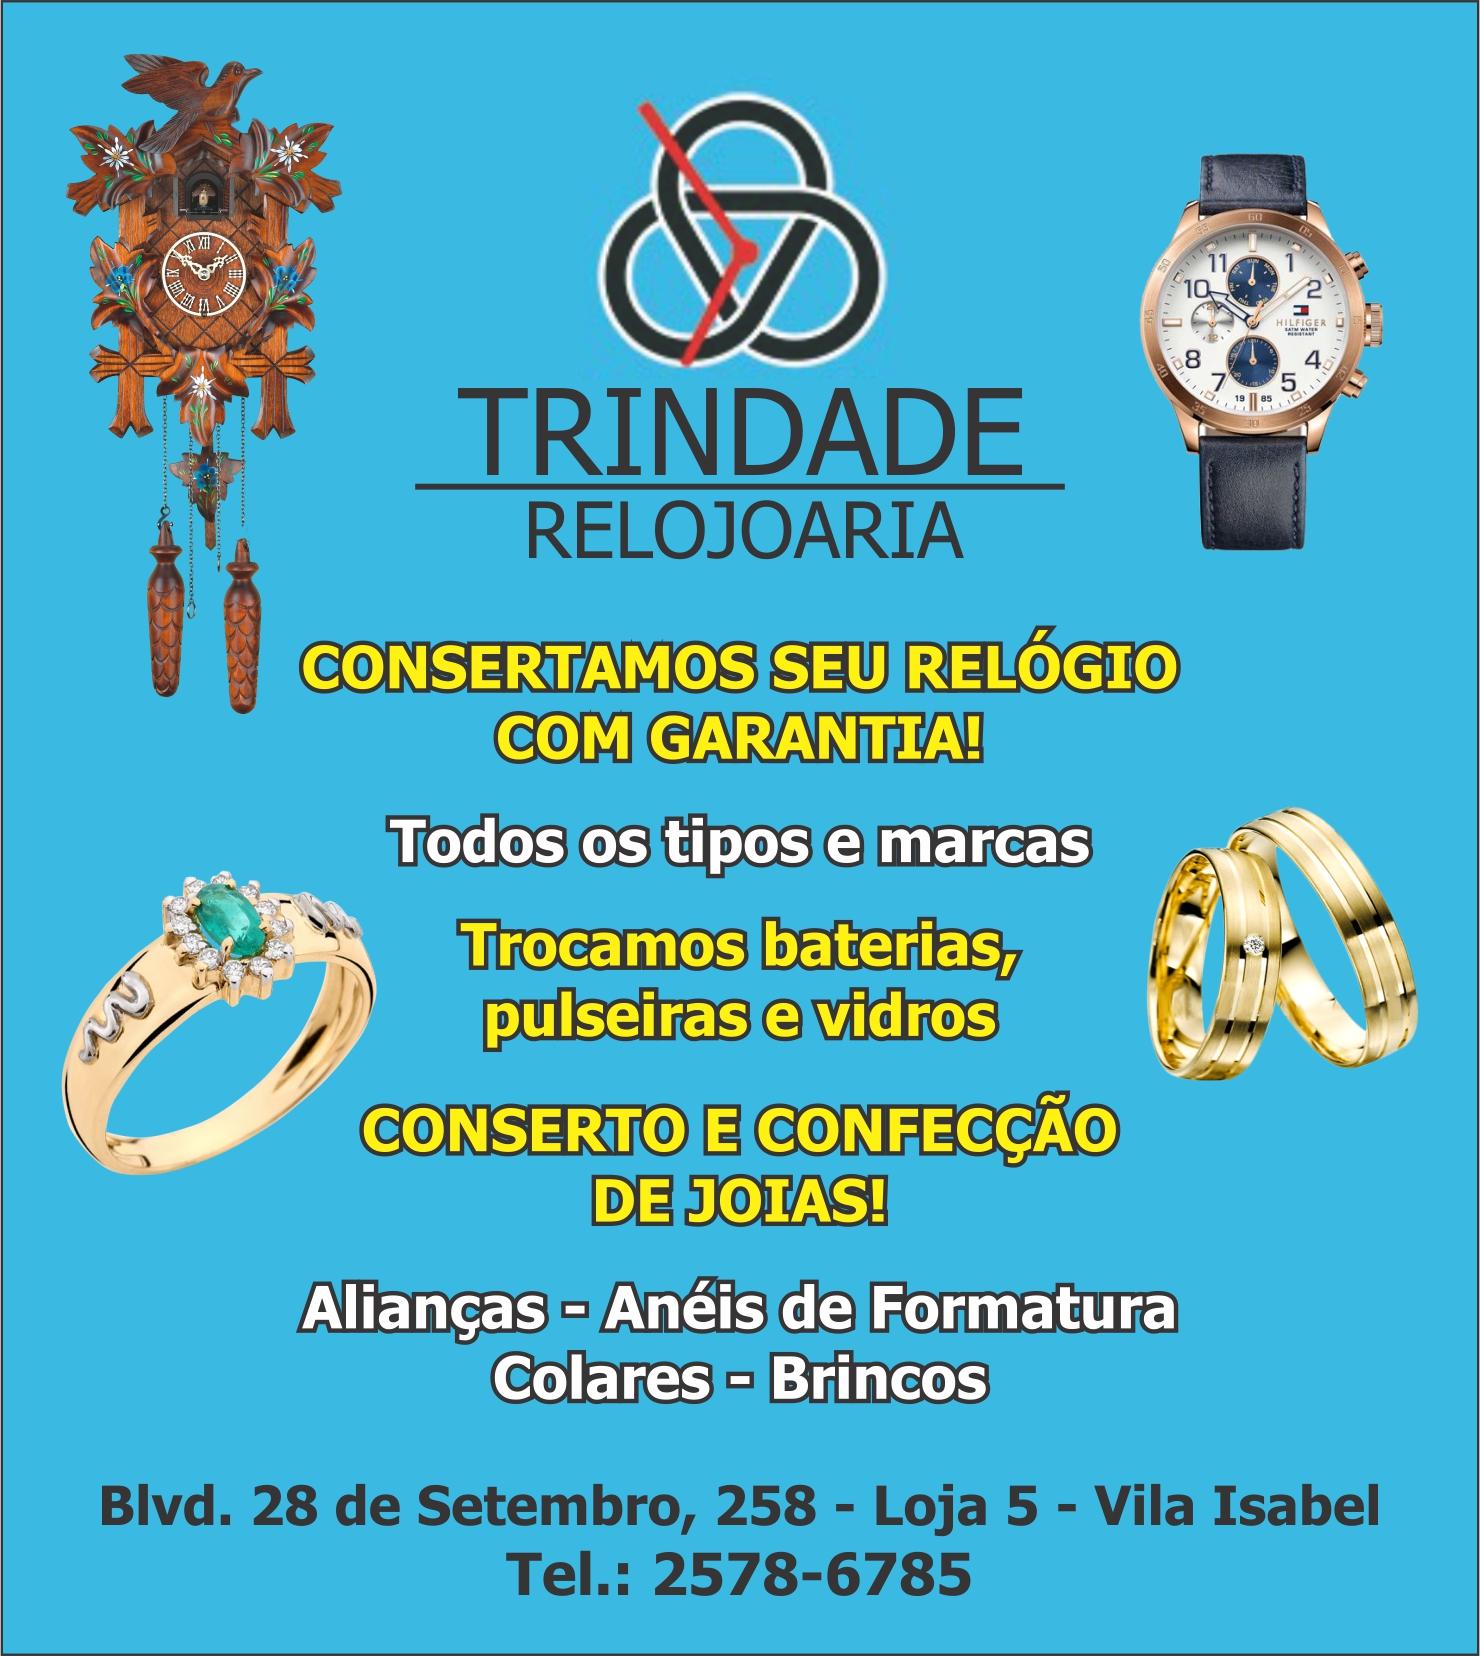 Relojoaria Trindade